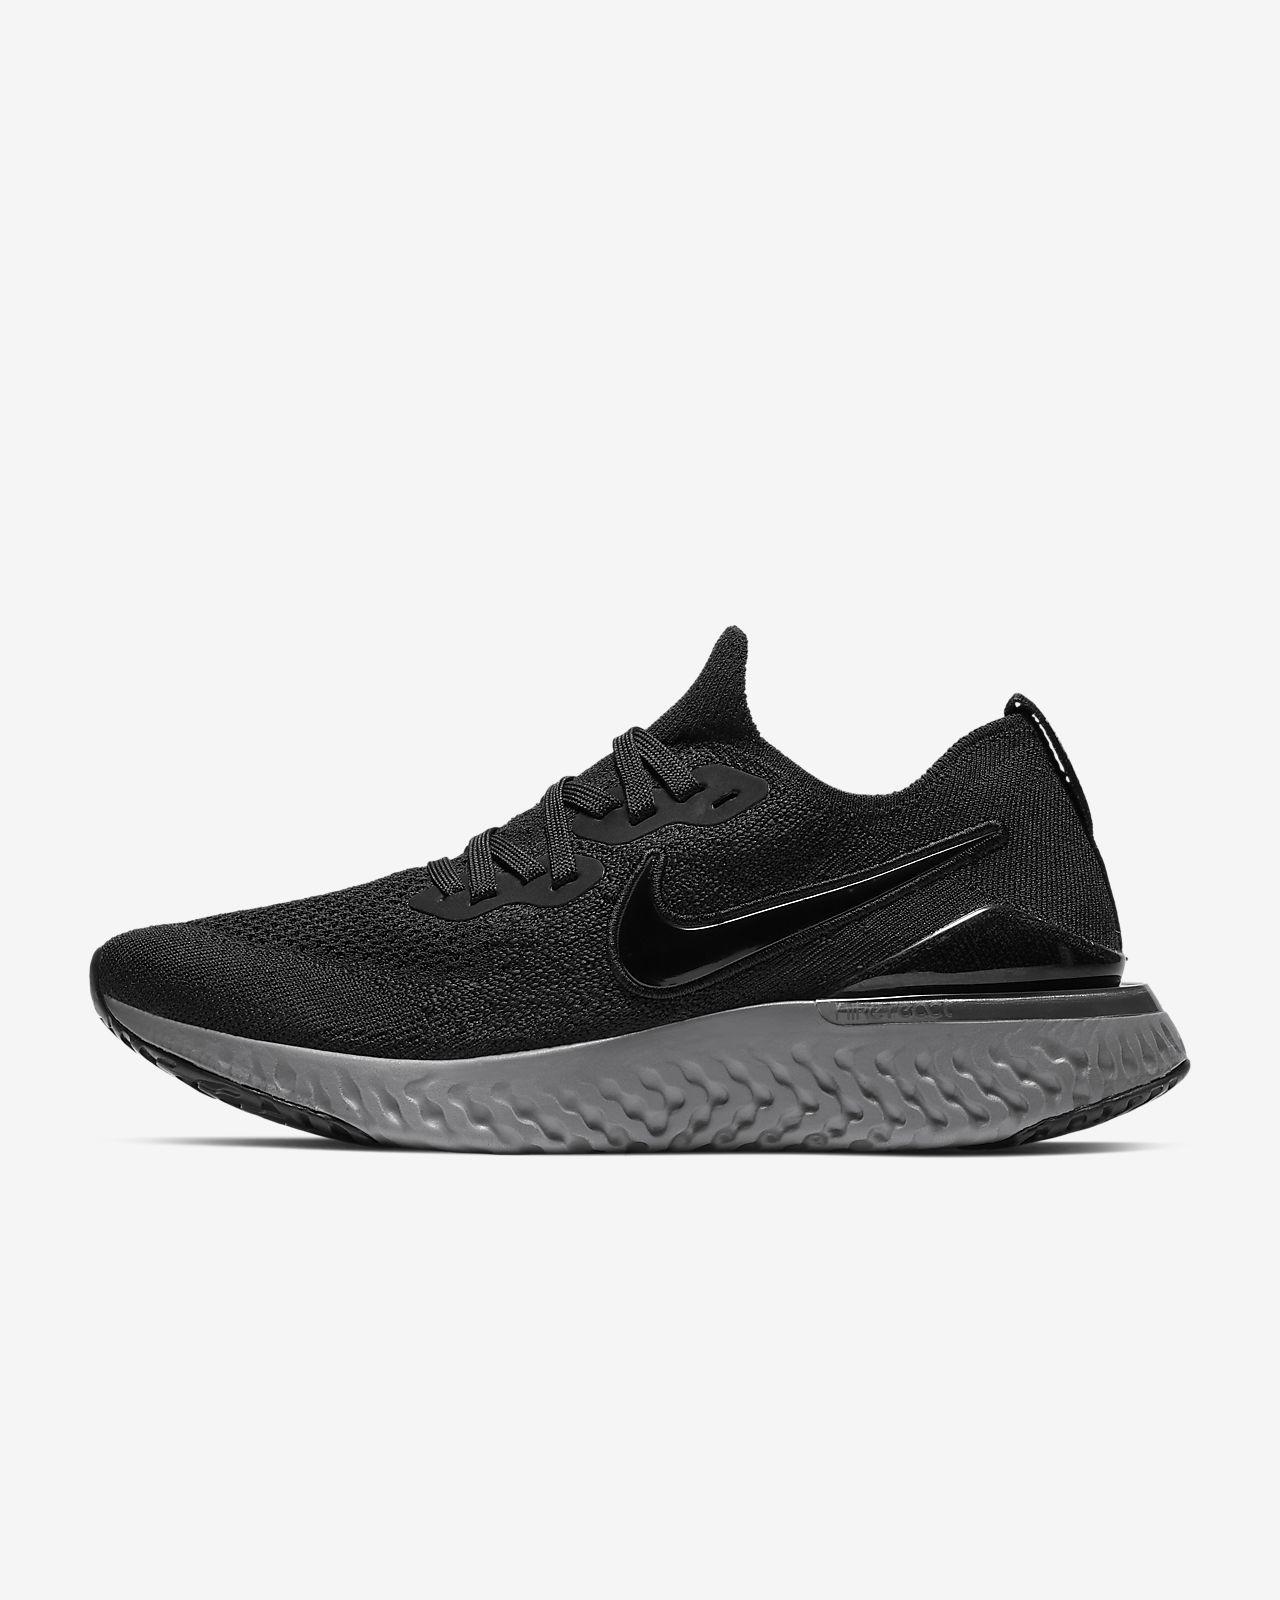 a4d46cf95fbf9 Nike Epic React Flyknit 2 Women s Running Shoe. Nike.com